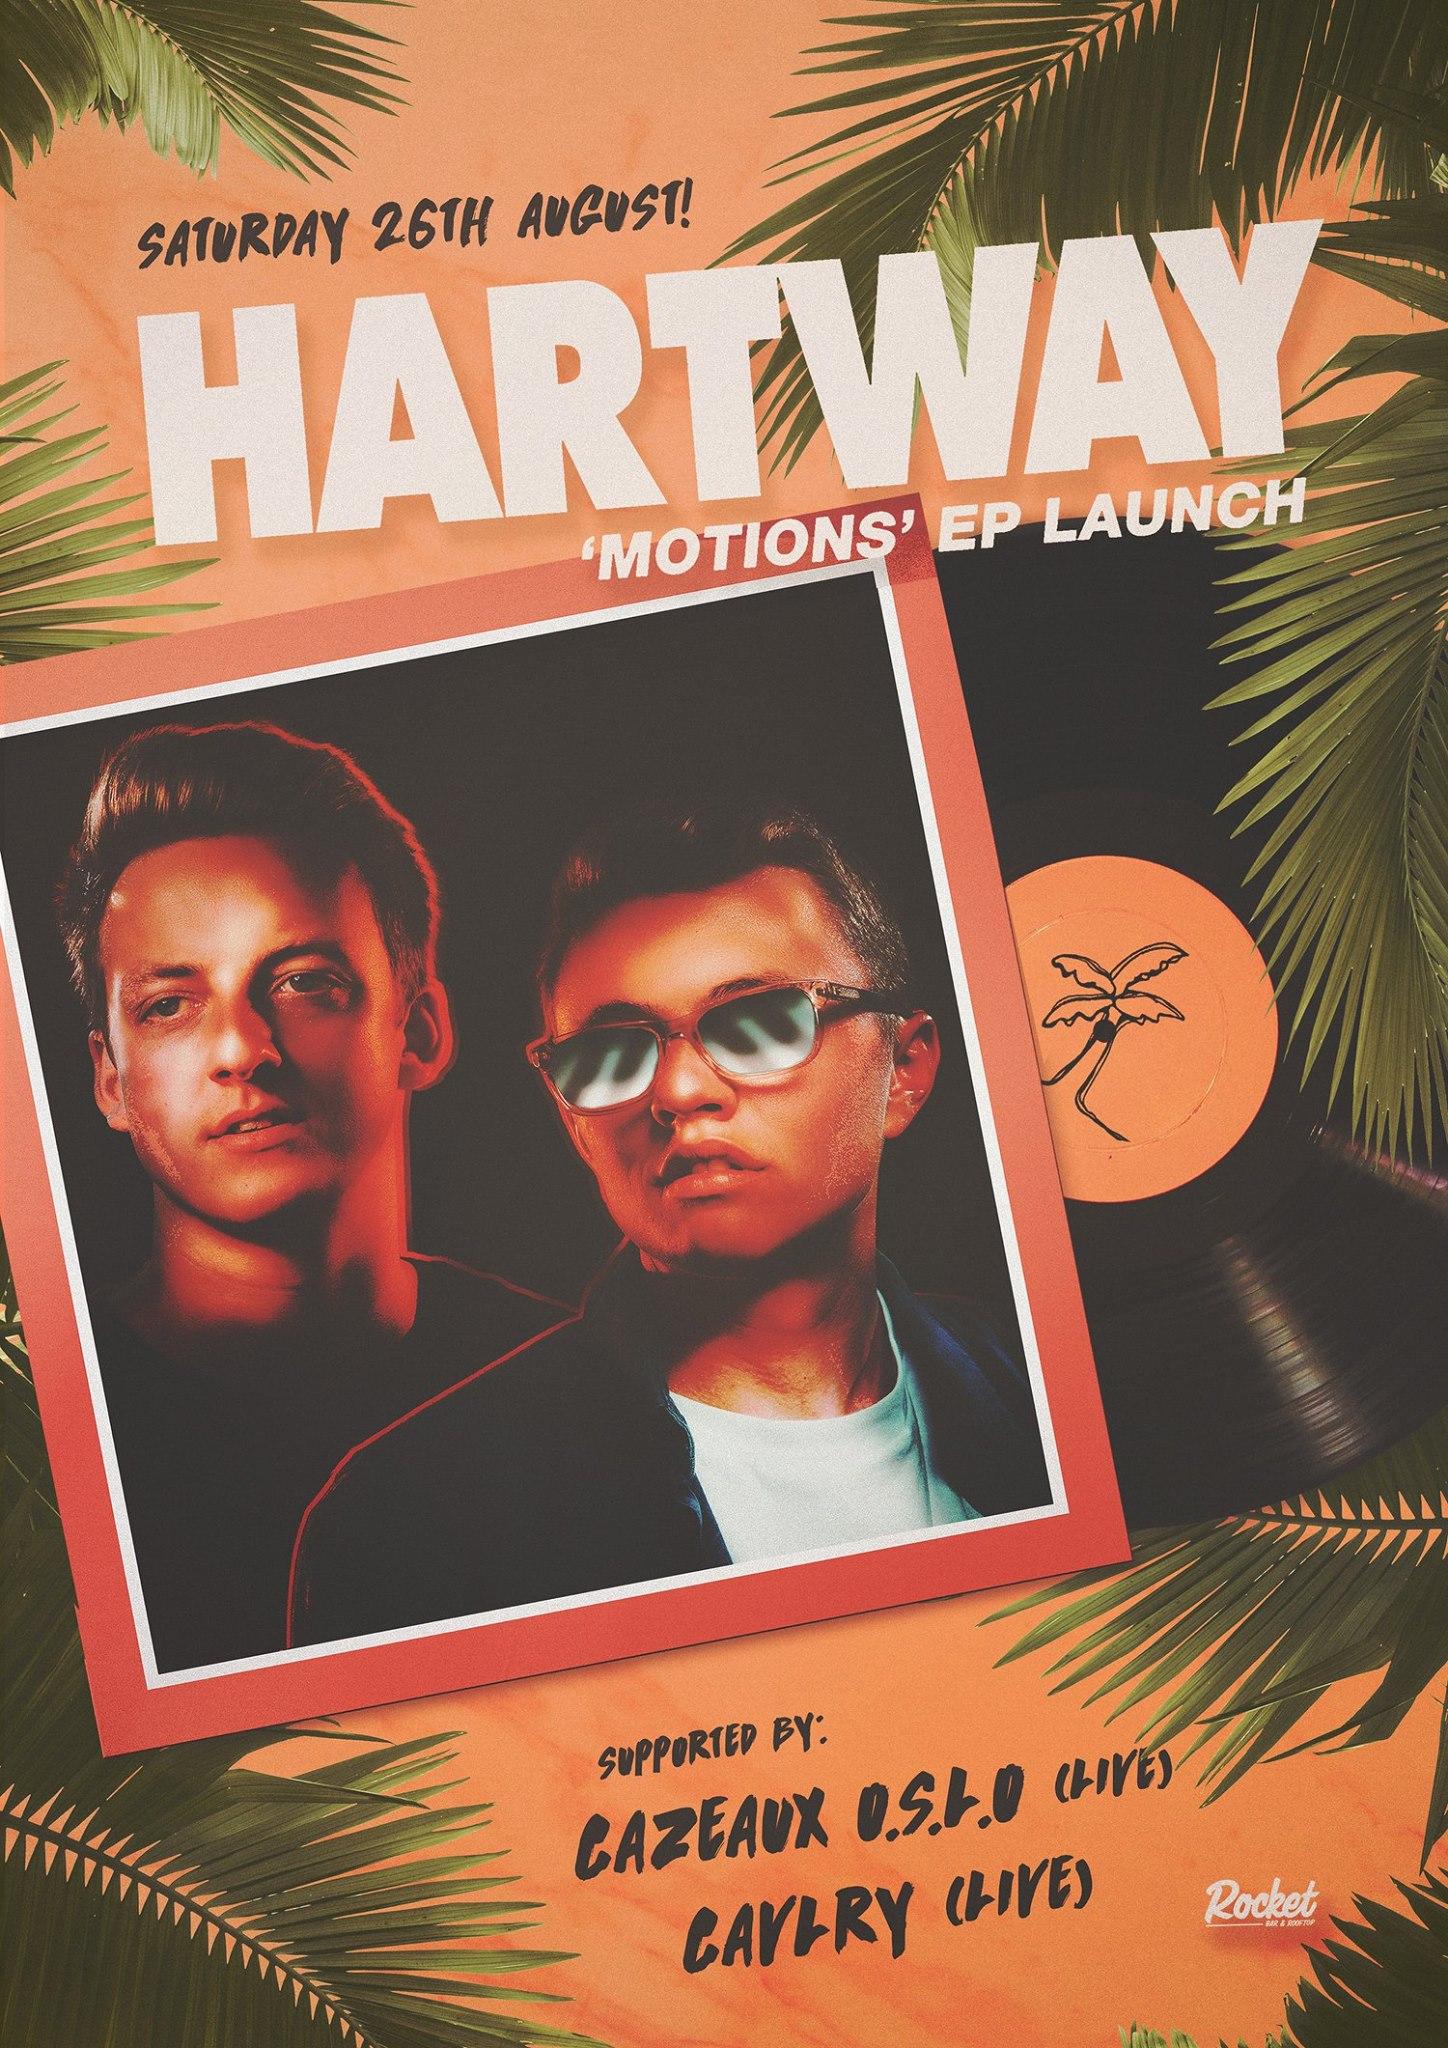 Hartway